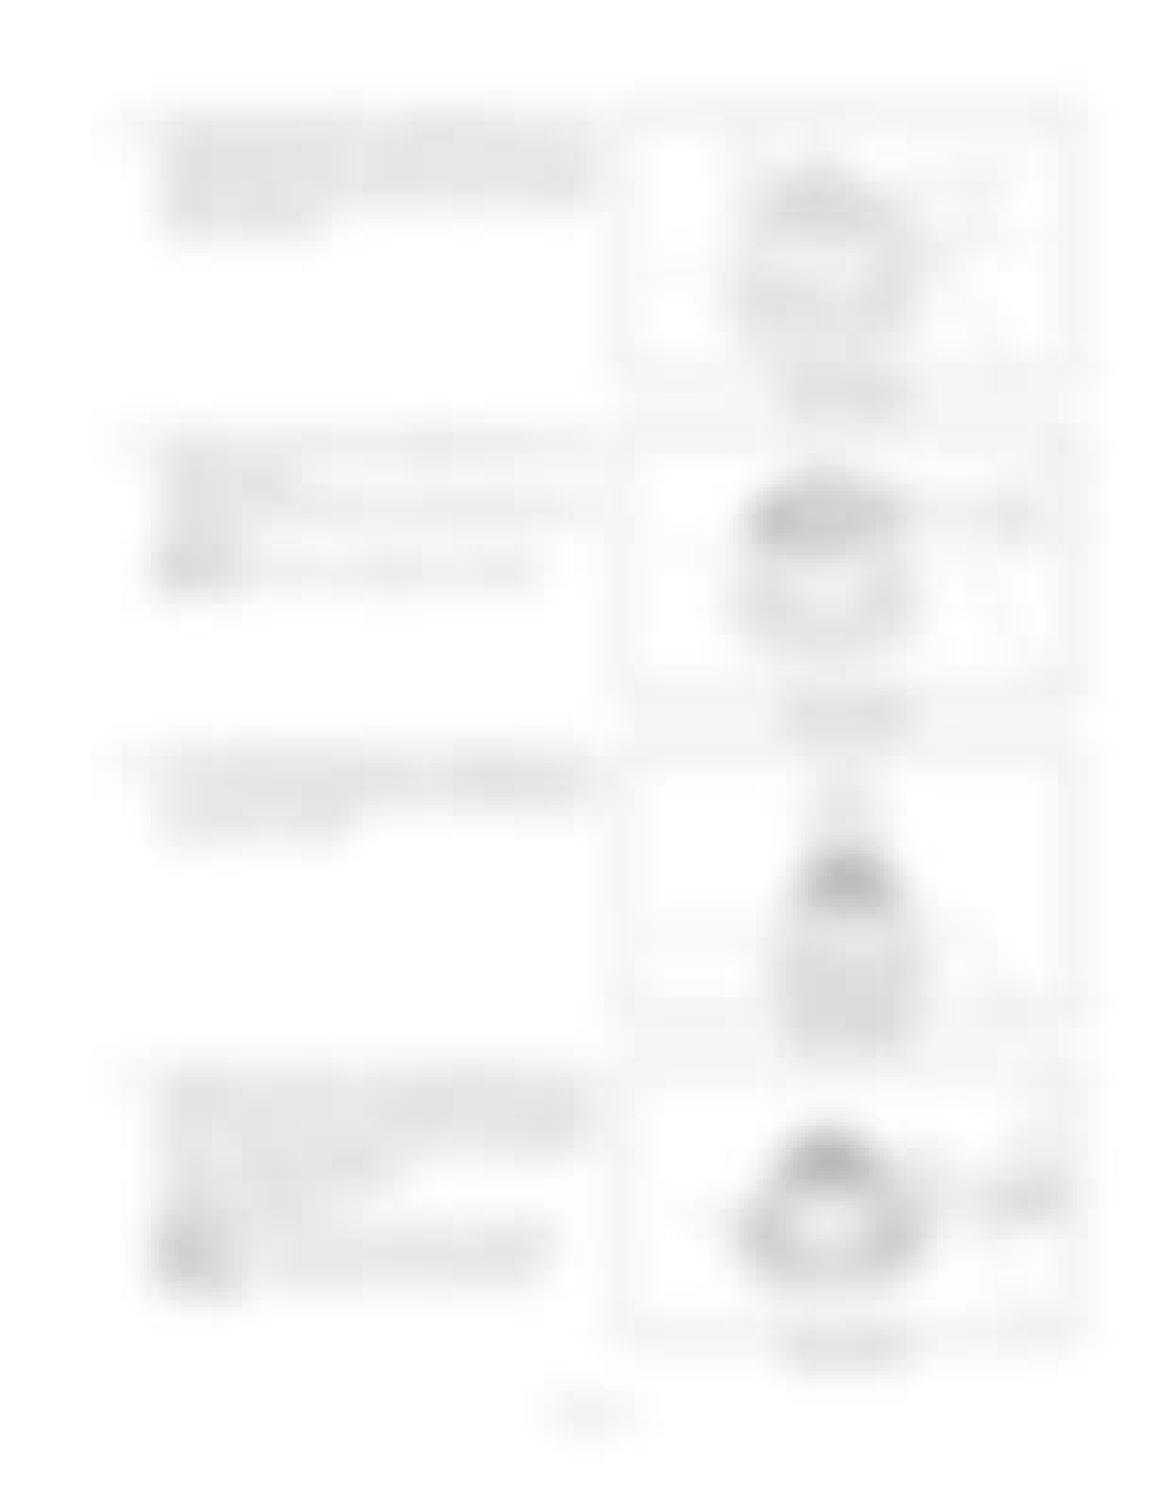 Hitachi LX110-7 LX130-7 LX160-7 LX190-7 LX230-7 Wheel Loader Workshop Manual - PDF DOWNLOAD page 167